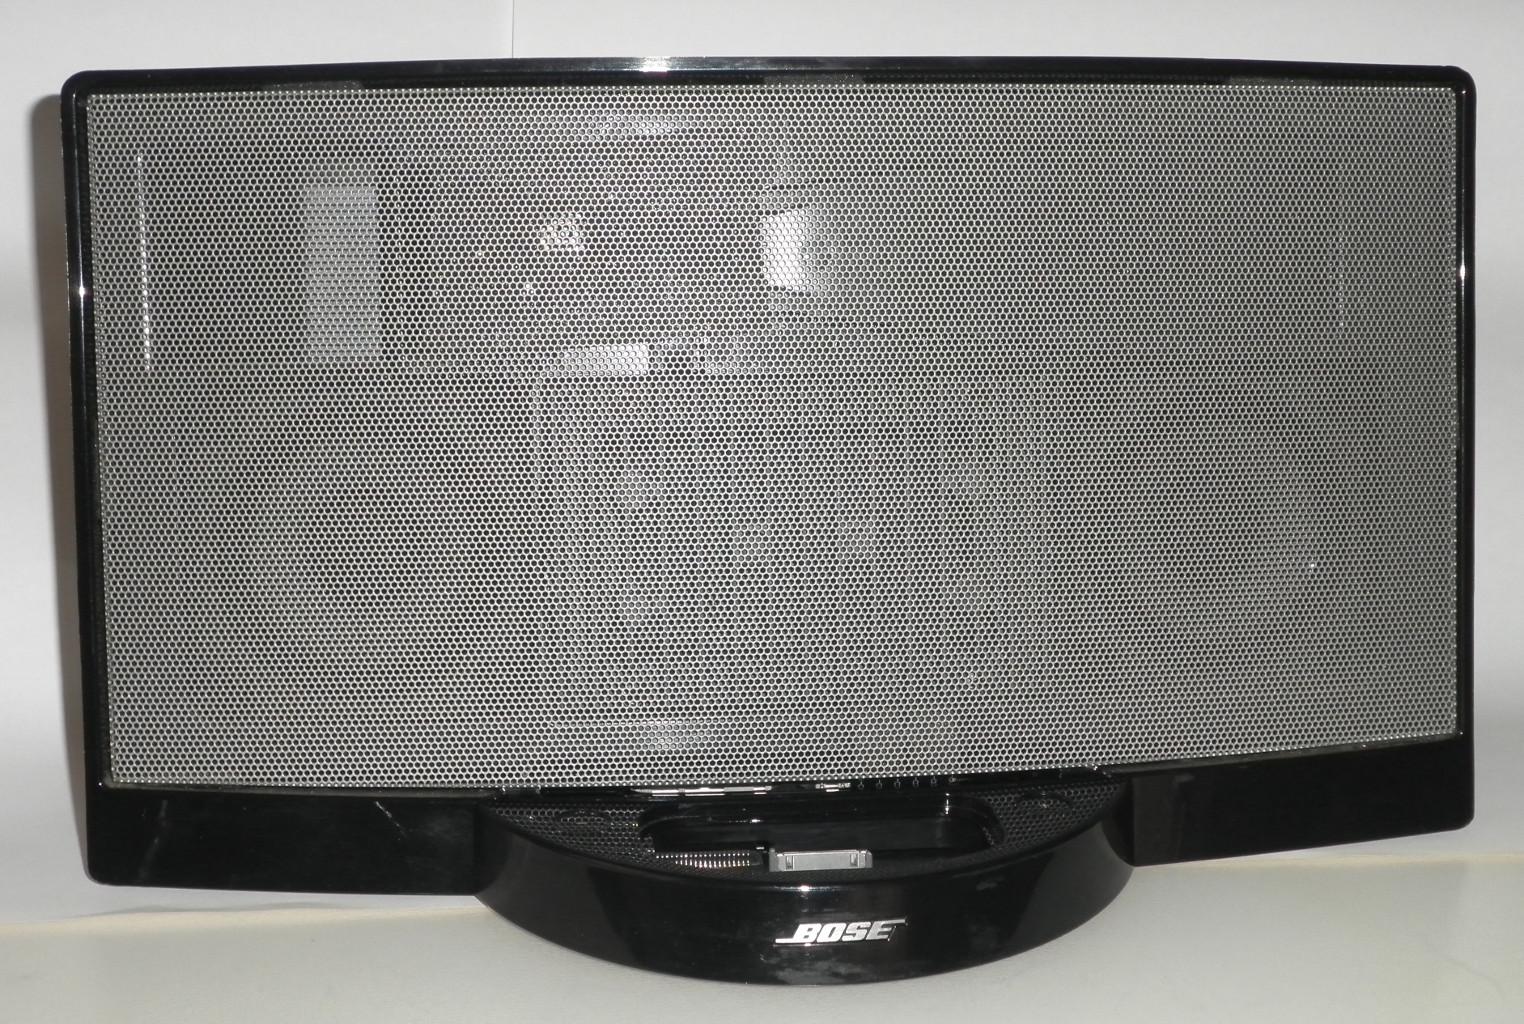 """d1f97dfbdb3 Actualización 9-05-2014: He publicado una nueva versión """"low cost"""" más  barata y sencilla que ésta, Entrada de audio auxiliar en un SoundDock I de  Bose ..."""